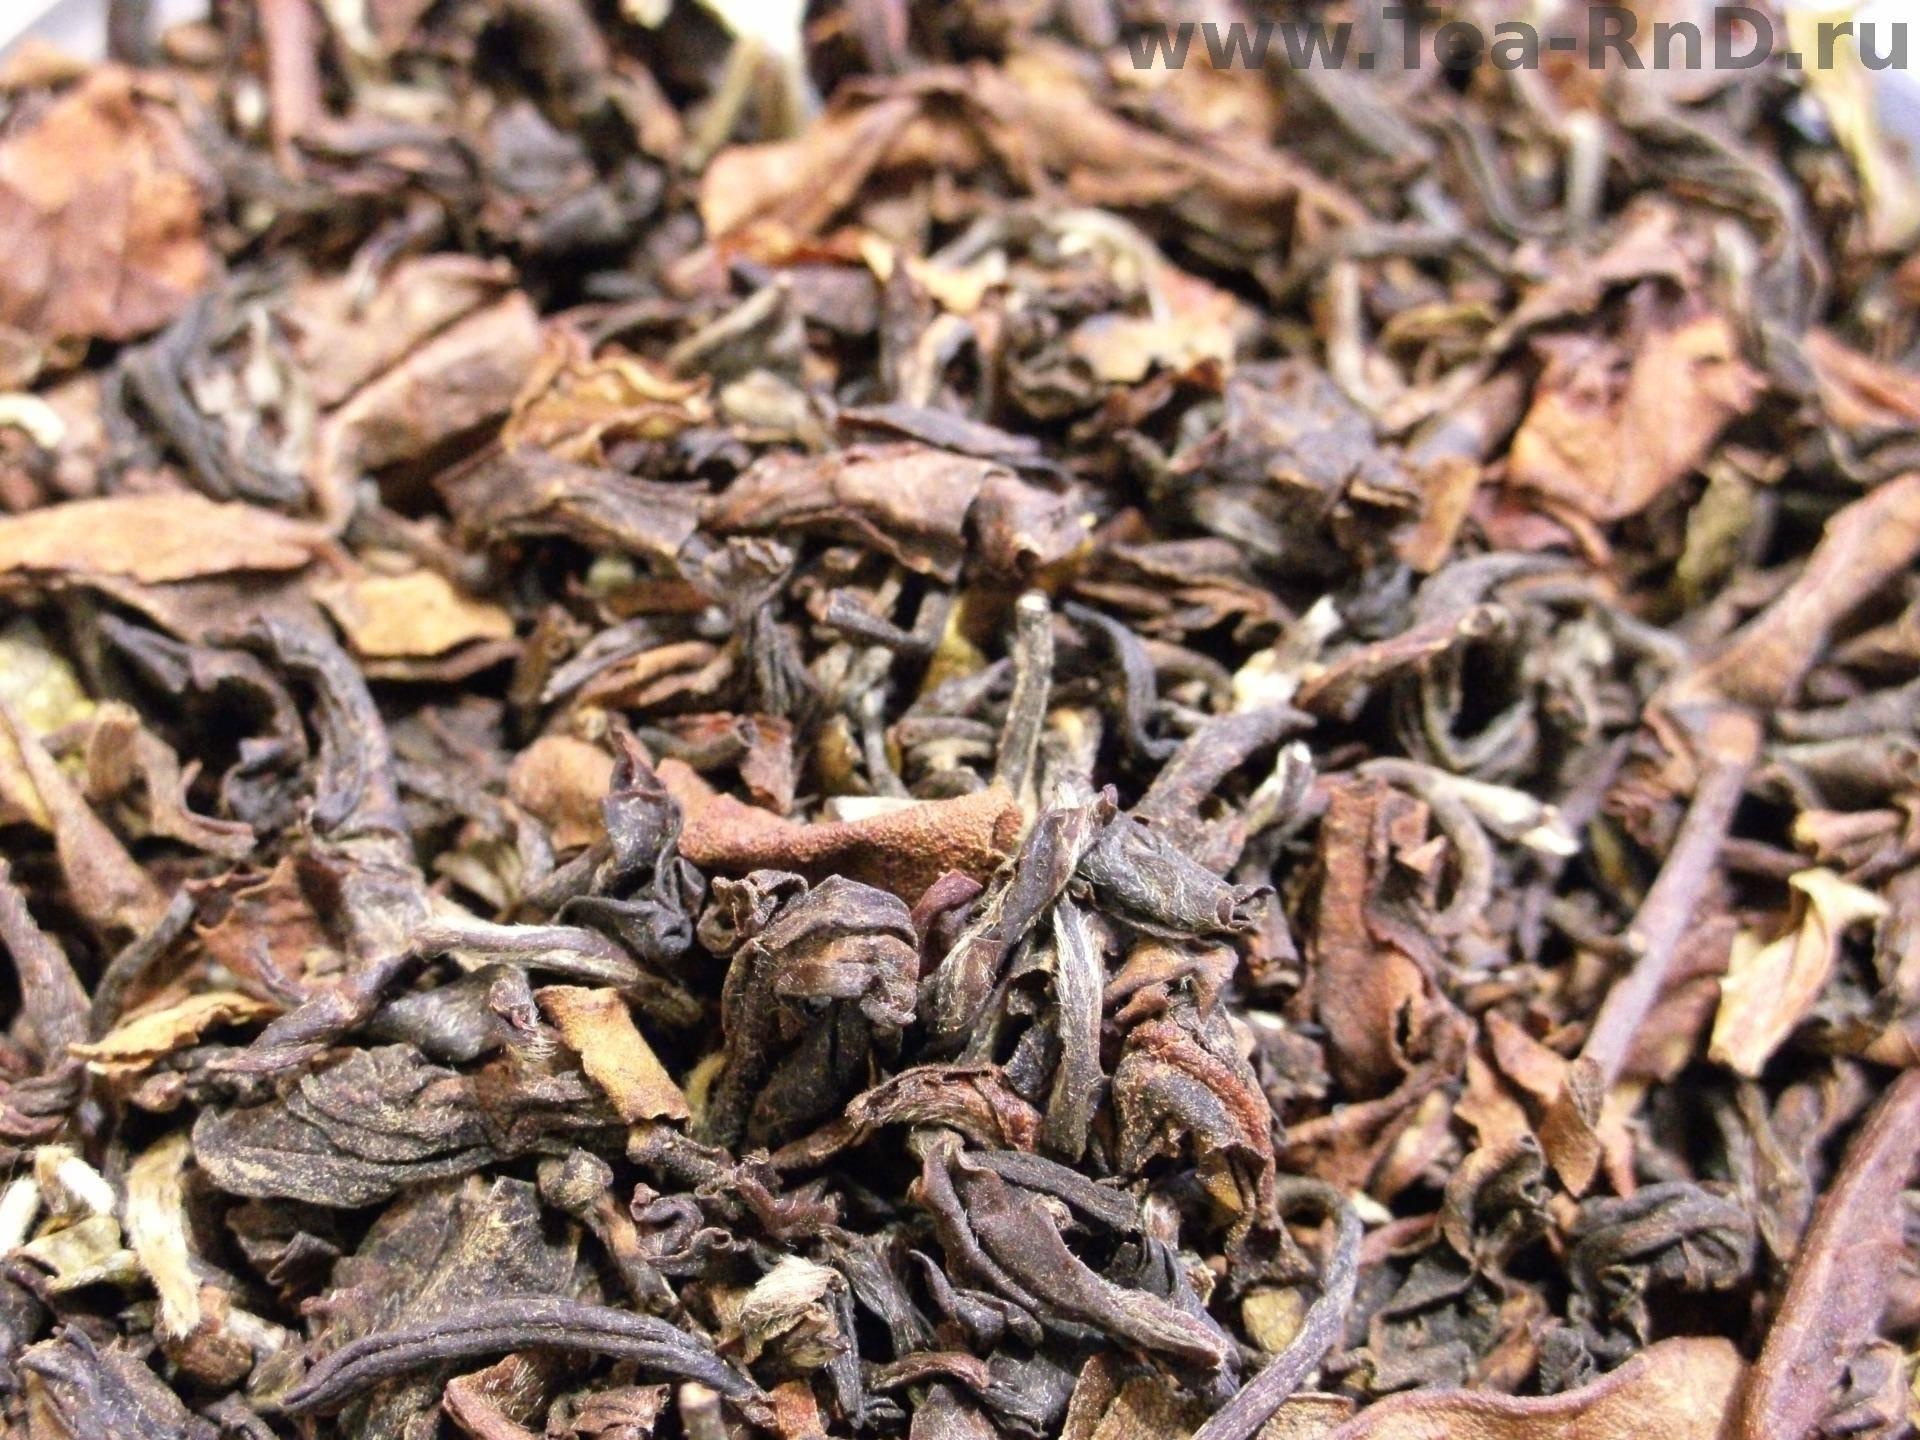 Индийский черный чай дарджилинг. 10 «суперсил» индийского чая дарджилинг для вашего здоровья